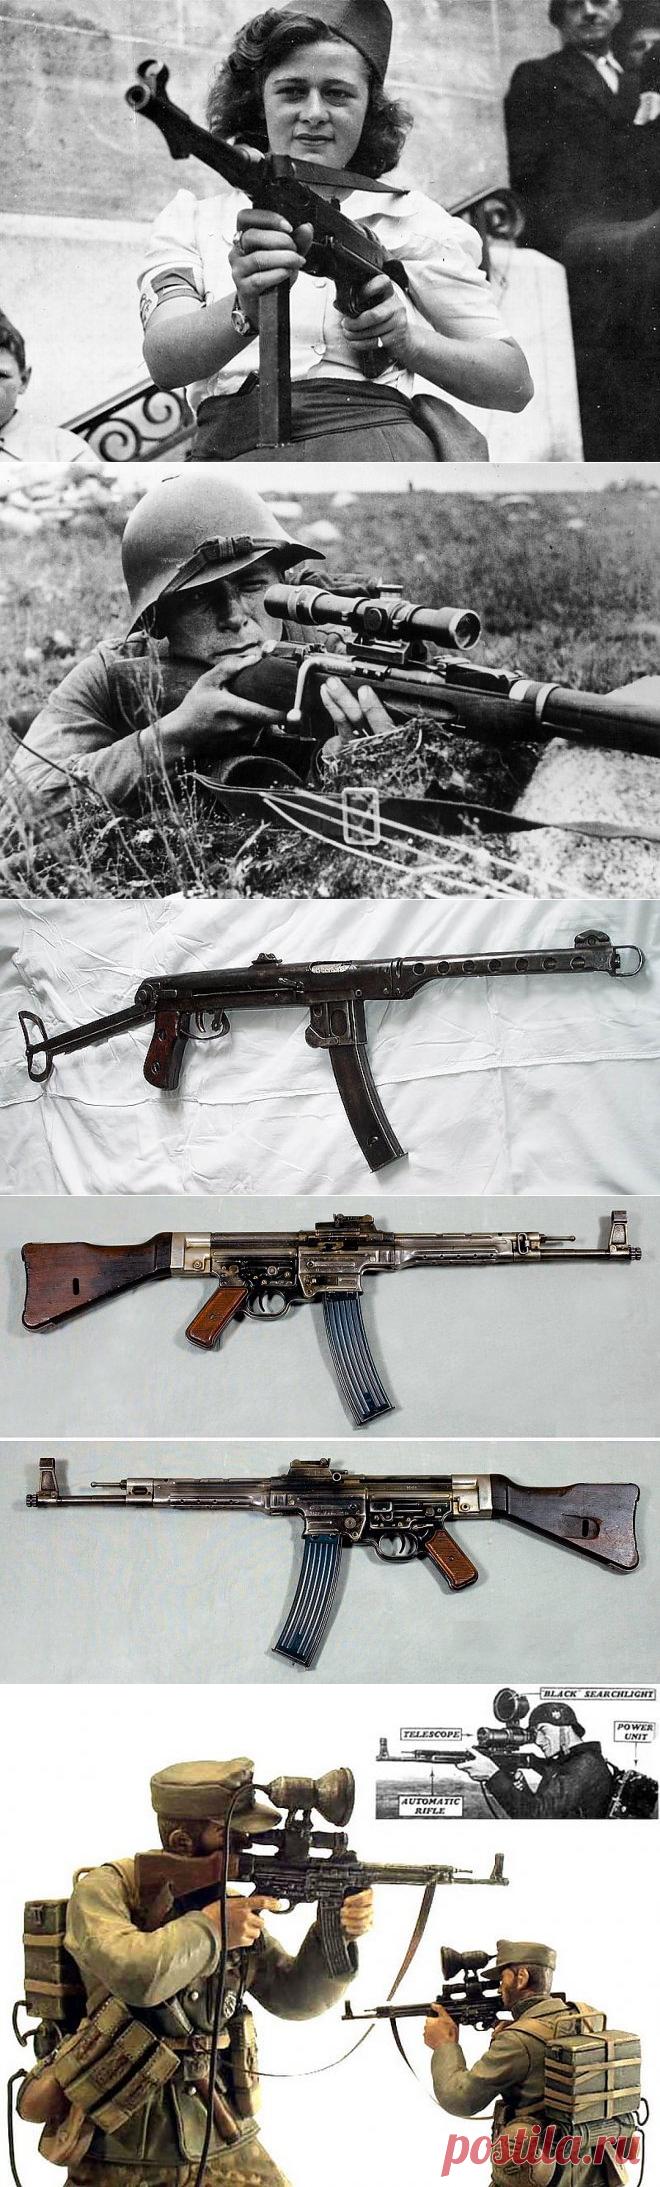 strelkovoe-oruzhie-vtoroy-mirovoy-voyni